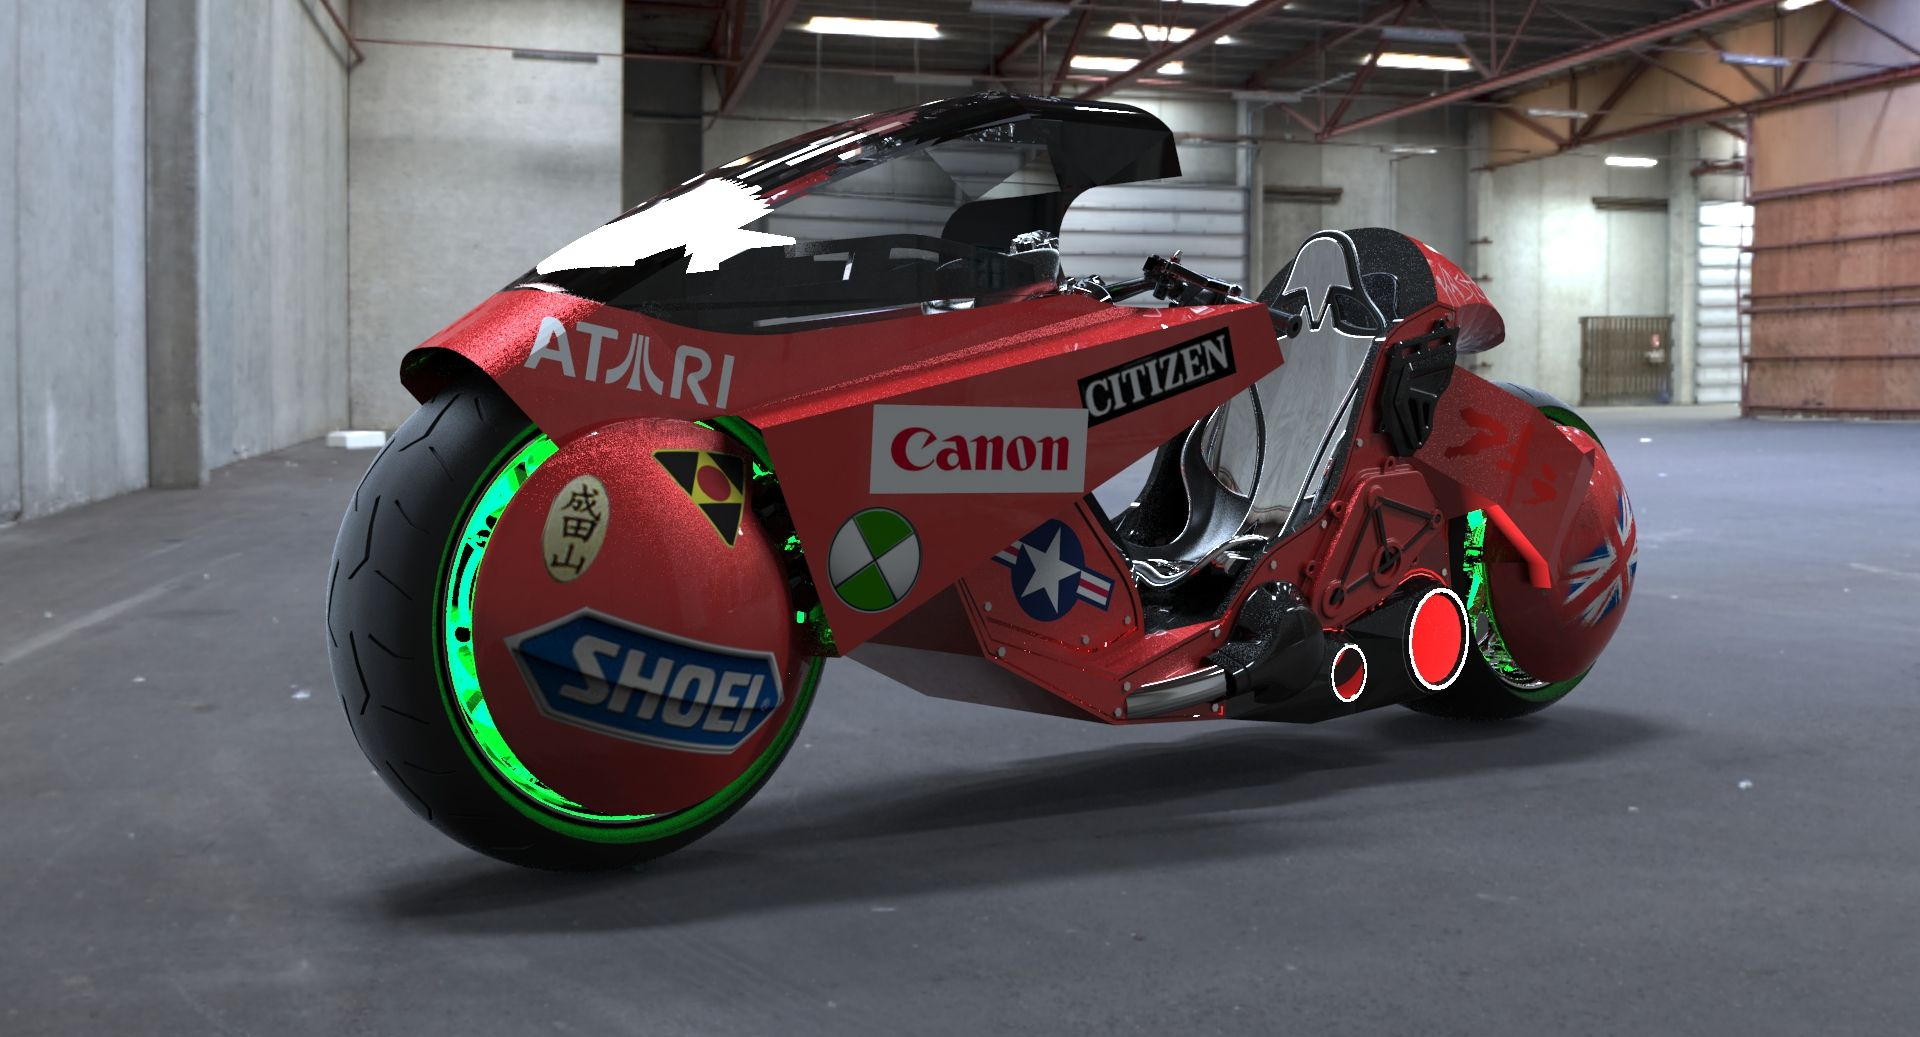 Kaneda S Bike Akira Motorcycle Solidworks 3d Cad Model